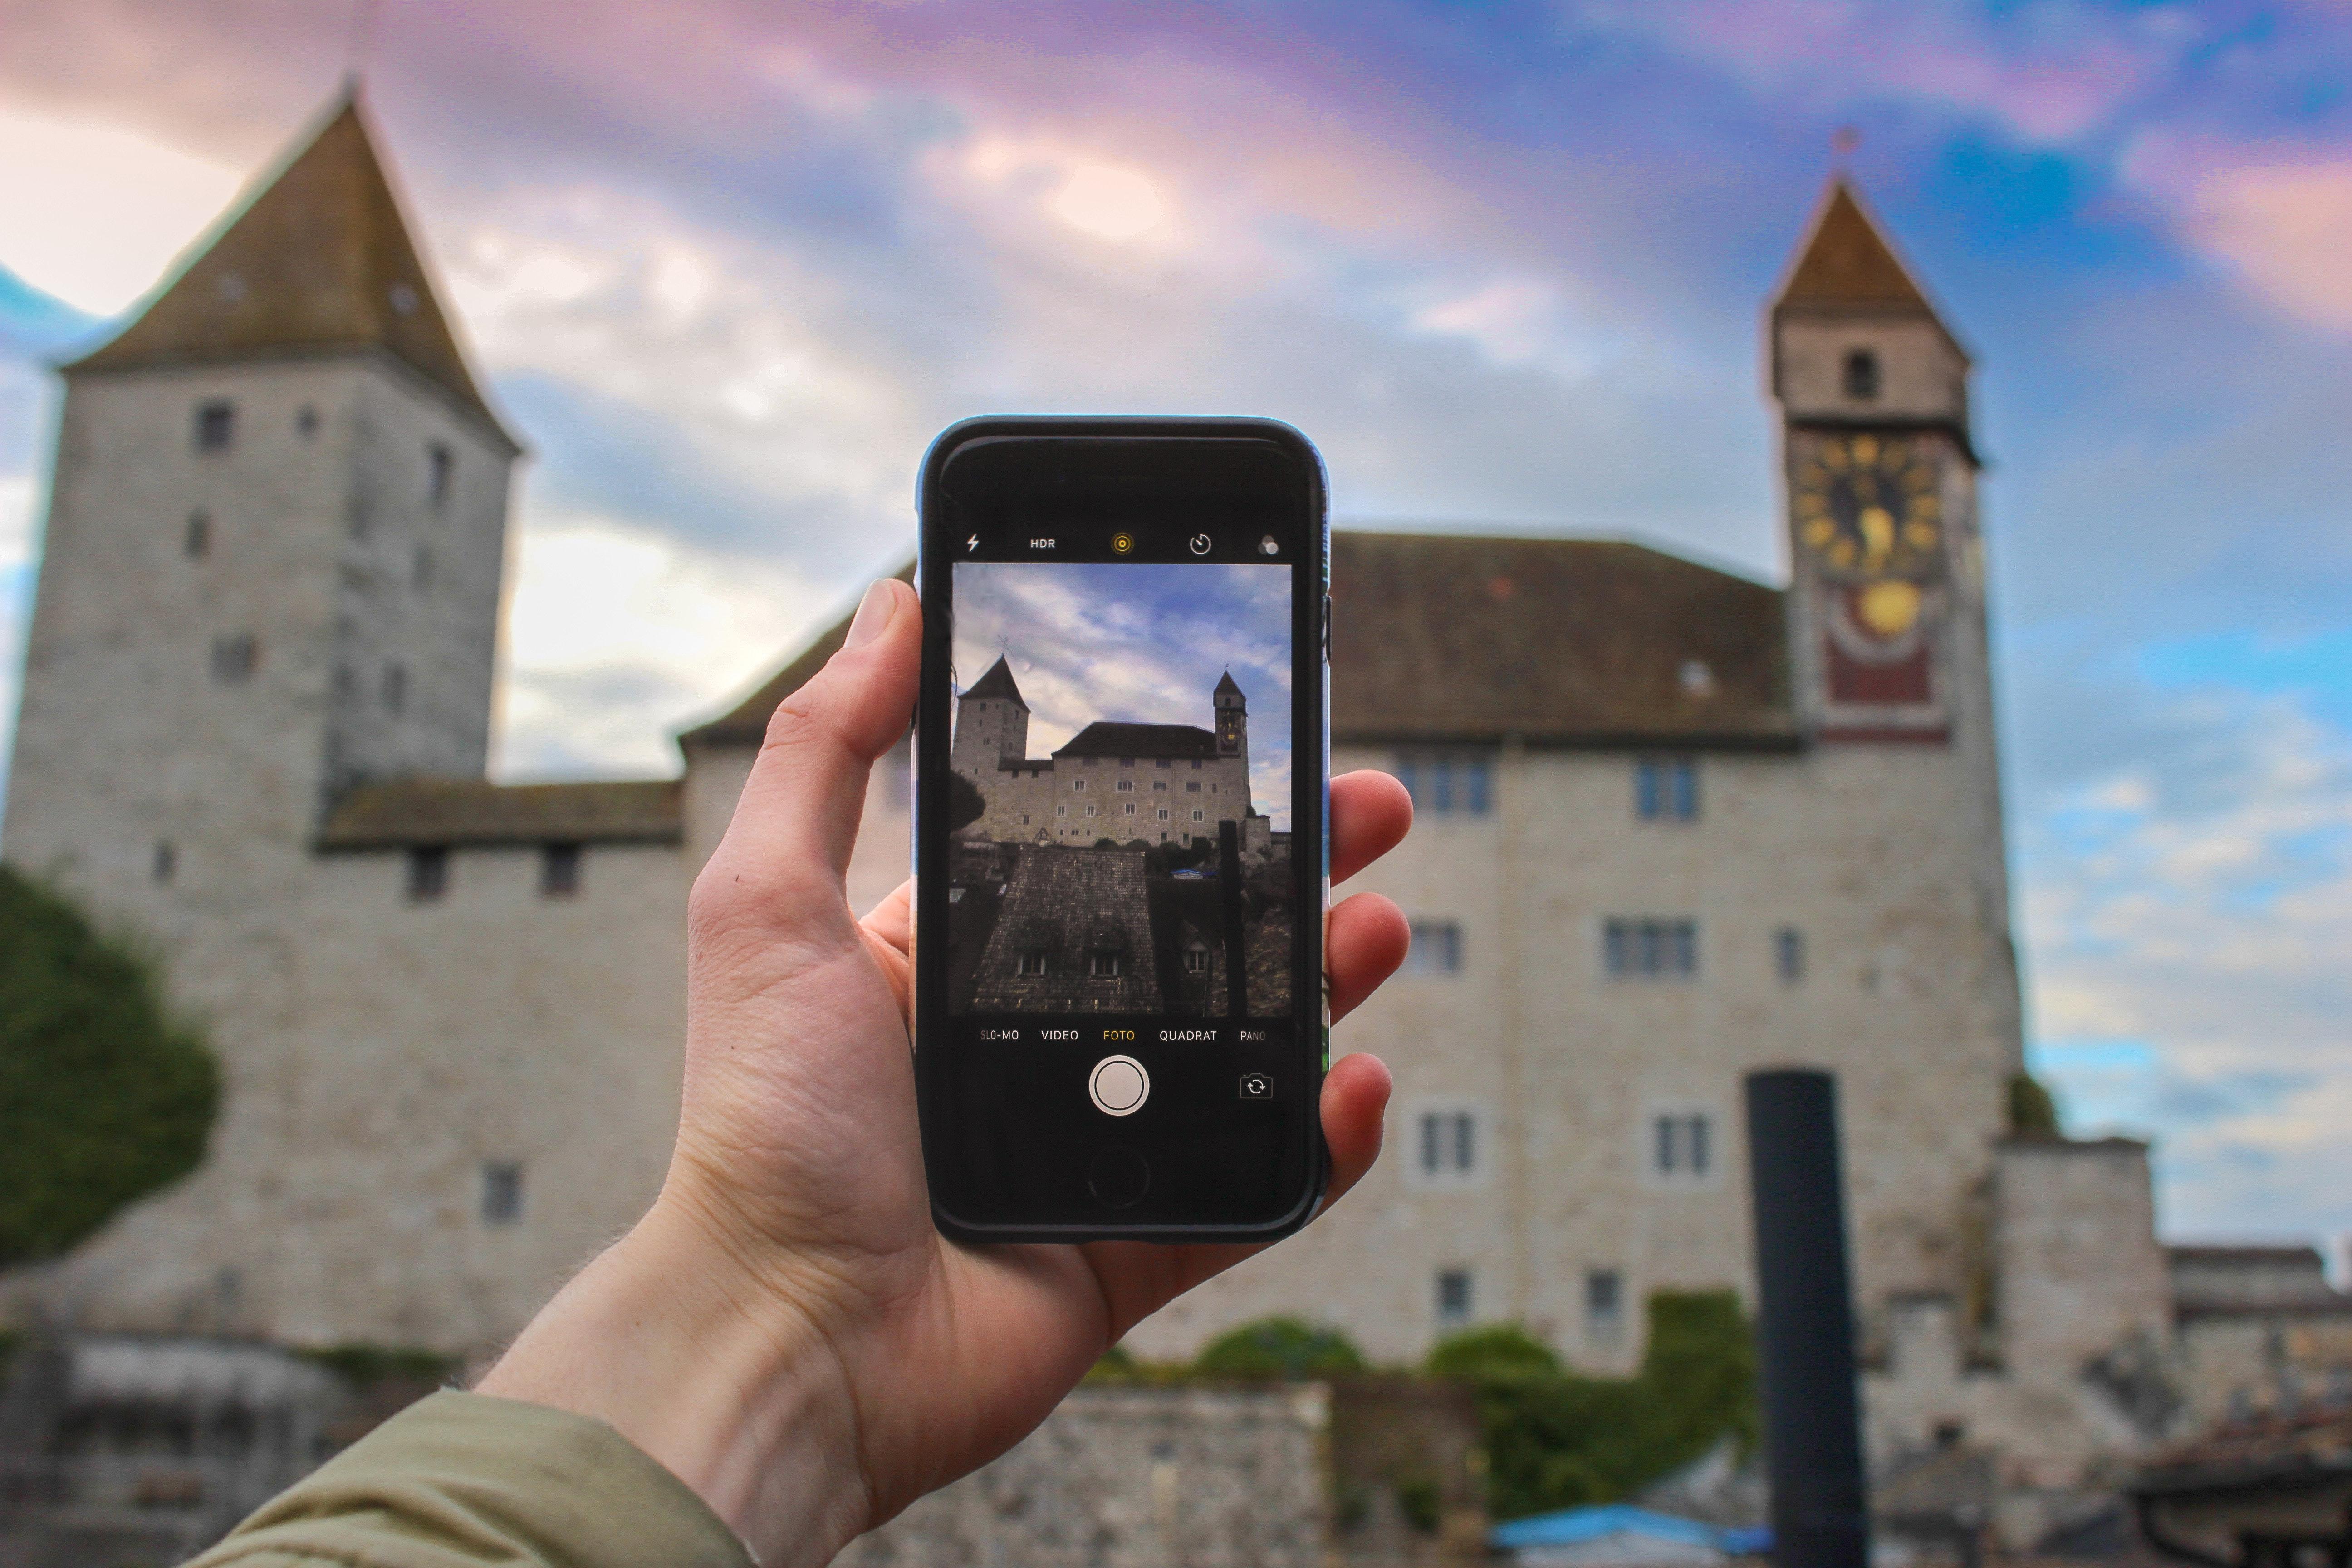 Free Images : architecture, blur, castle, cellphone